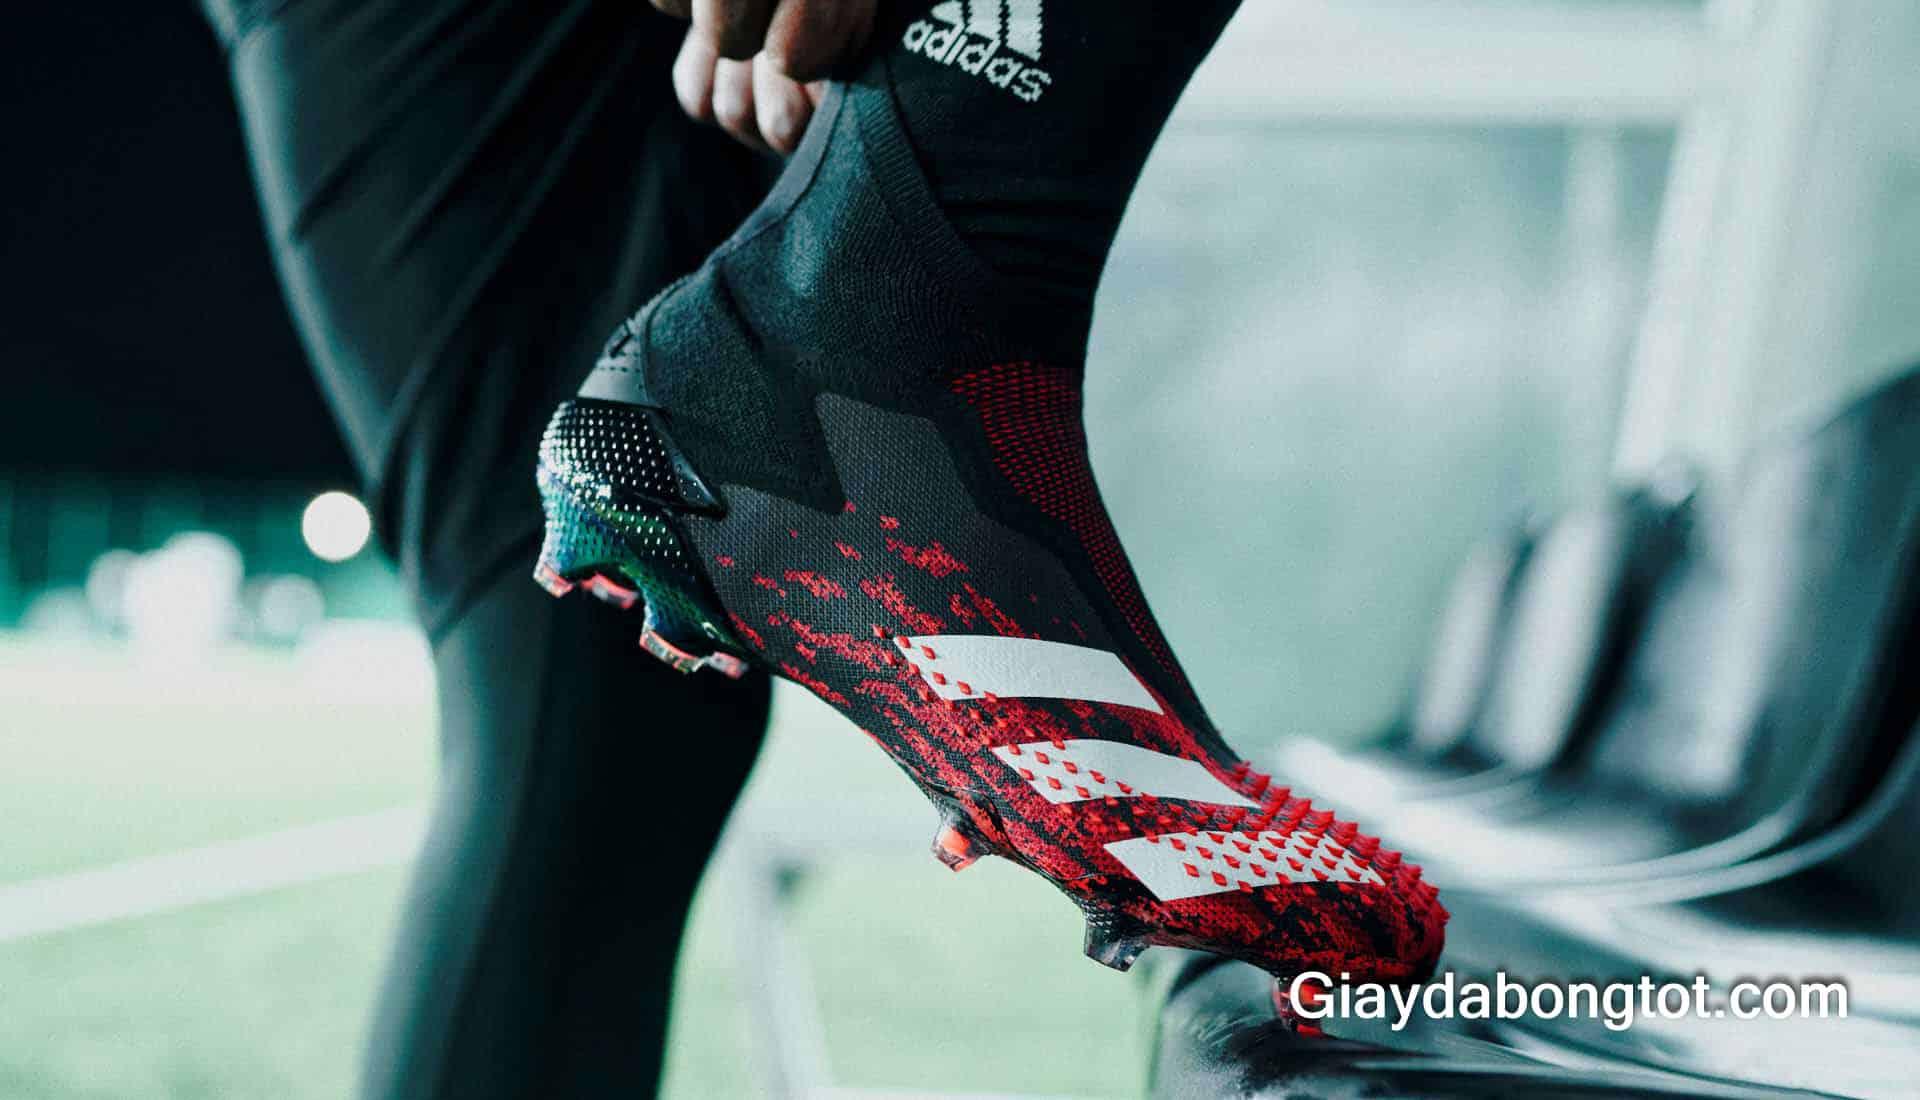 Adidas Predator là dòng giày đá banh kiểm soát bóng có lịch sử lâu đời và cực kỳ nổi tiếng của Adidas